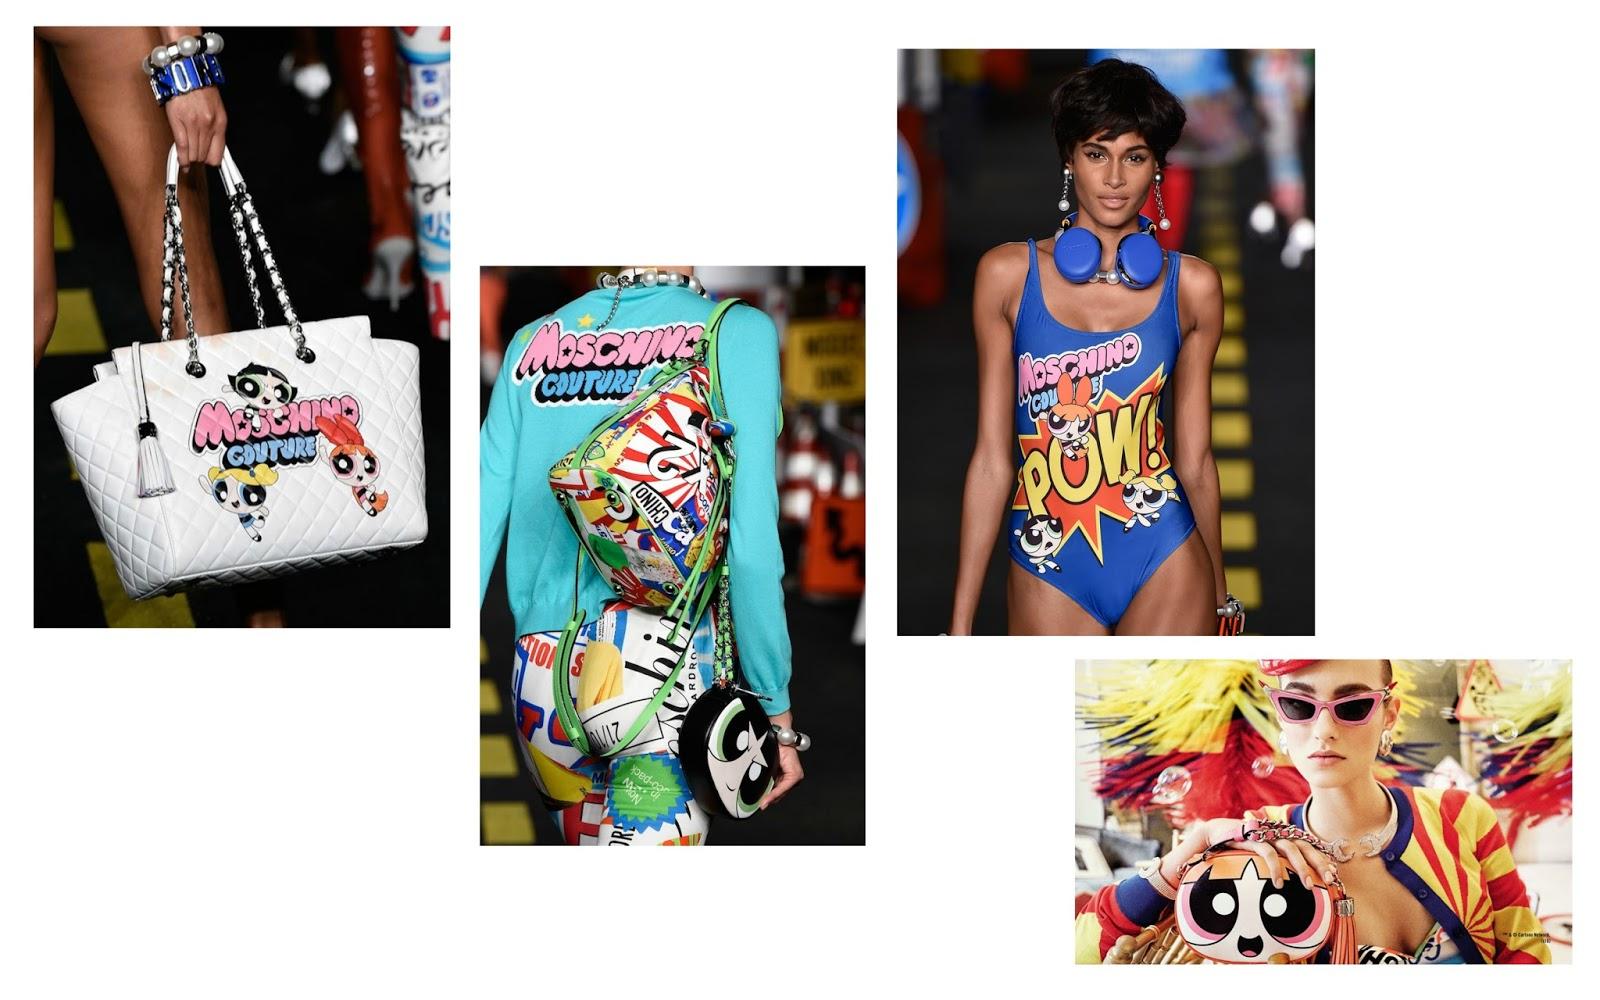 hola chicas el da de hoy me enter del prximo lanzamiento de una lnea de ropa y accesorios de las chicas super poderosas o powerpuff girls por la marca